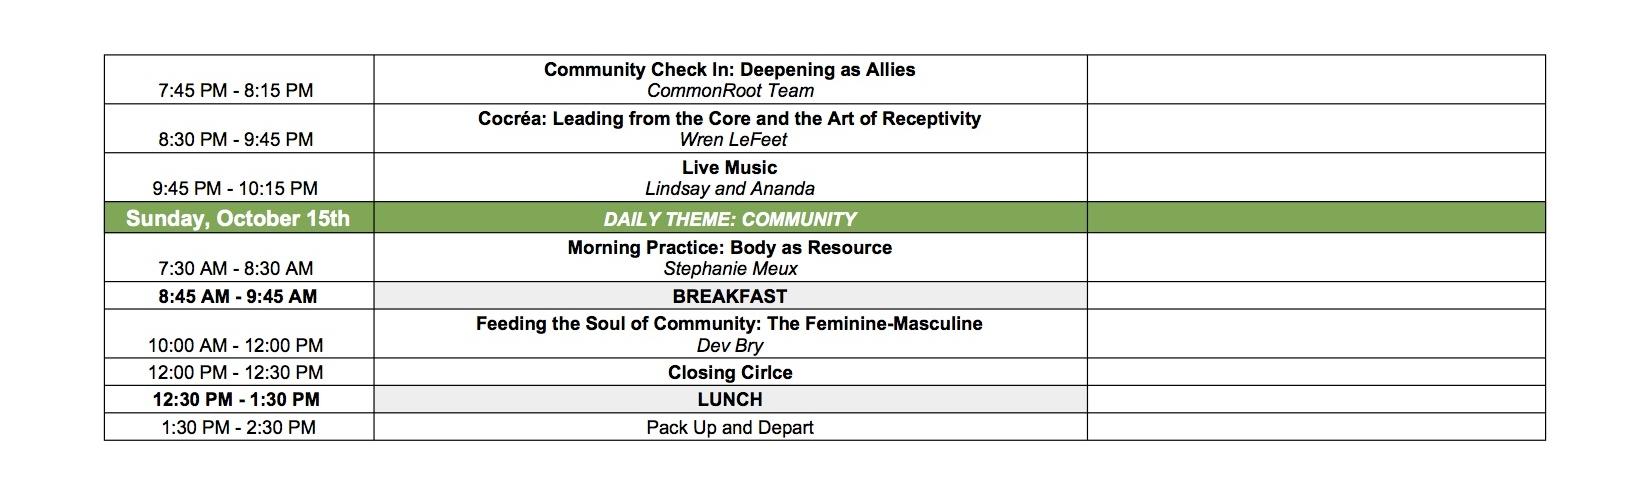 CommonRoot Schedule #2.jpg